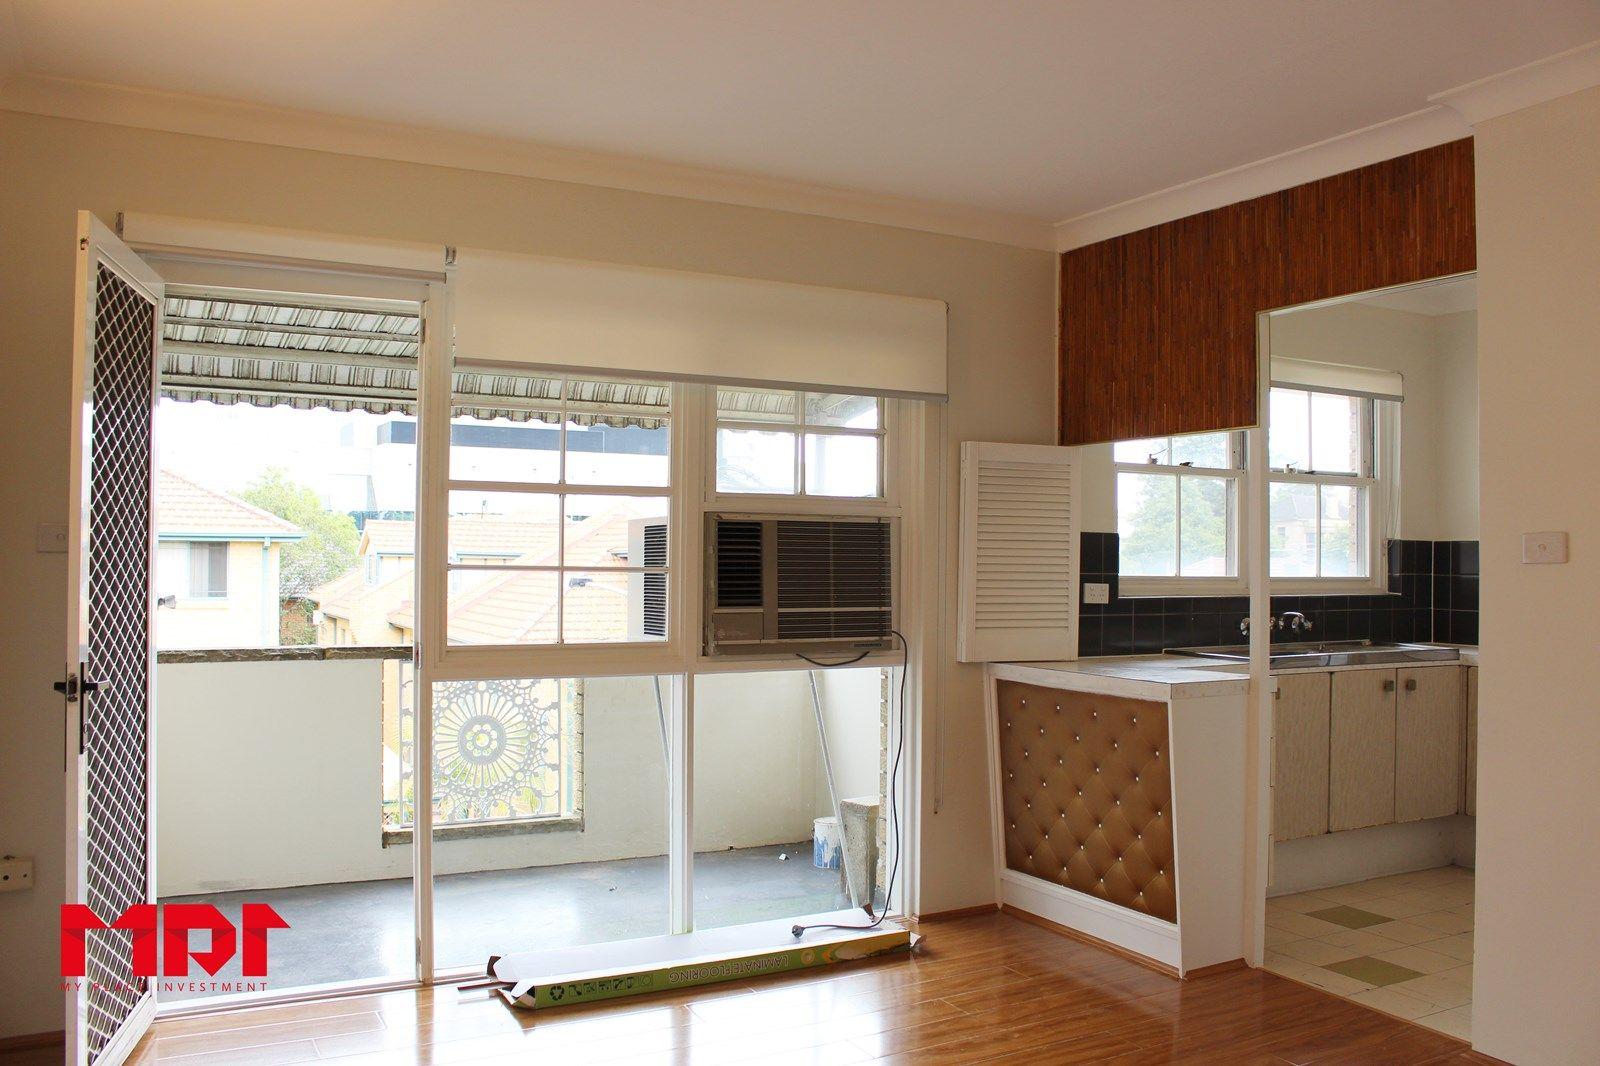 21/22-24 Park Ave, Burwood NSW 2134, Image 1